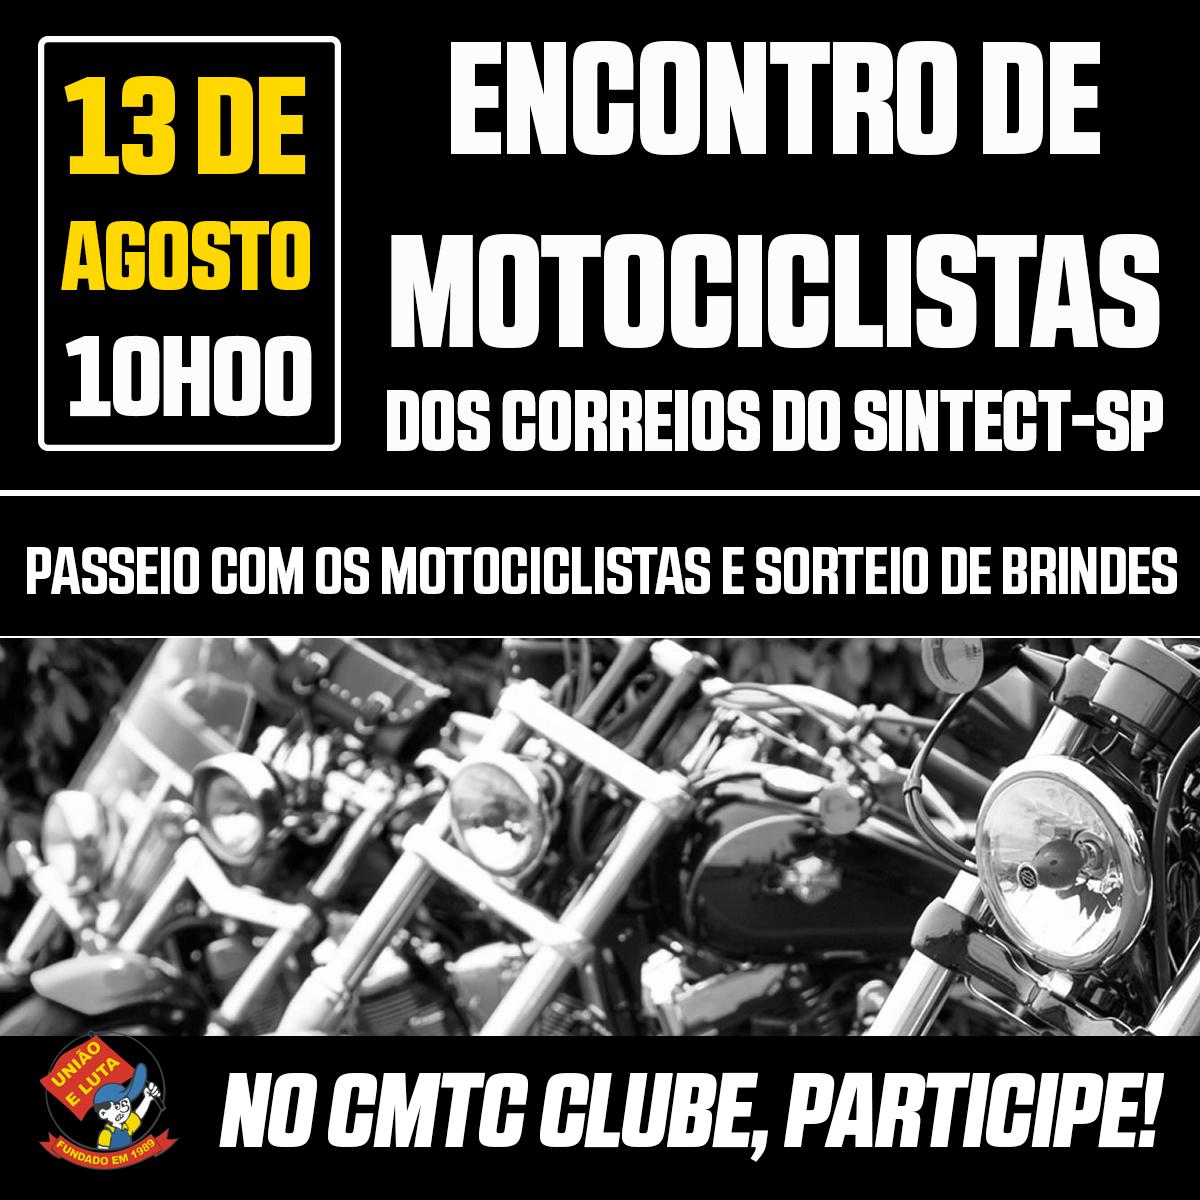 convite_sintect_sp_encontro_de_motociclistas_correios_13_08_agosto_cmtc_club_2